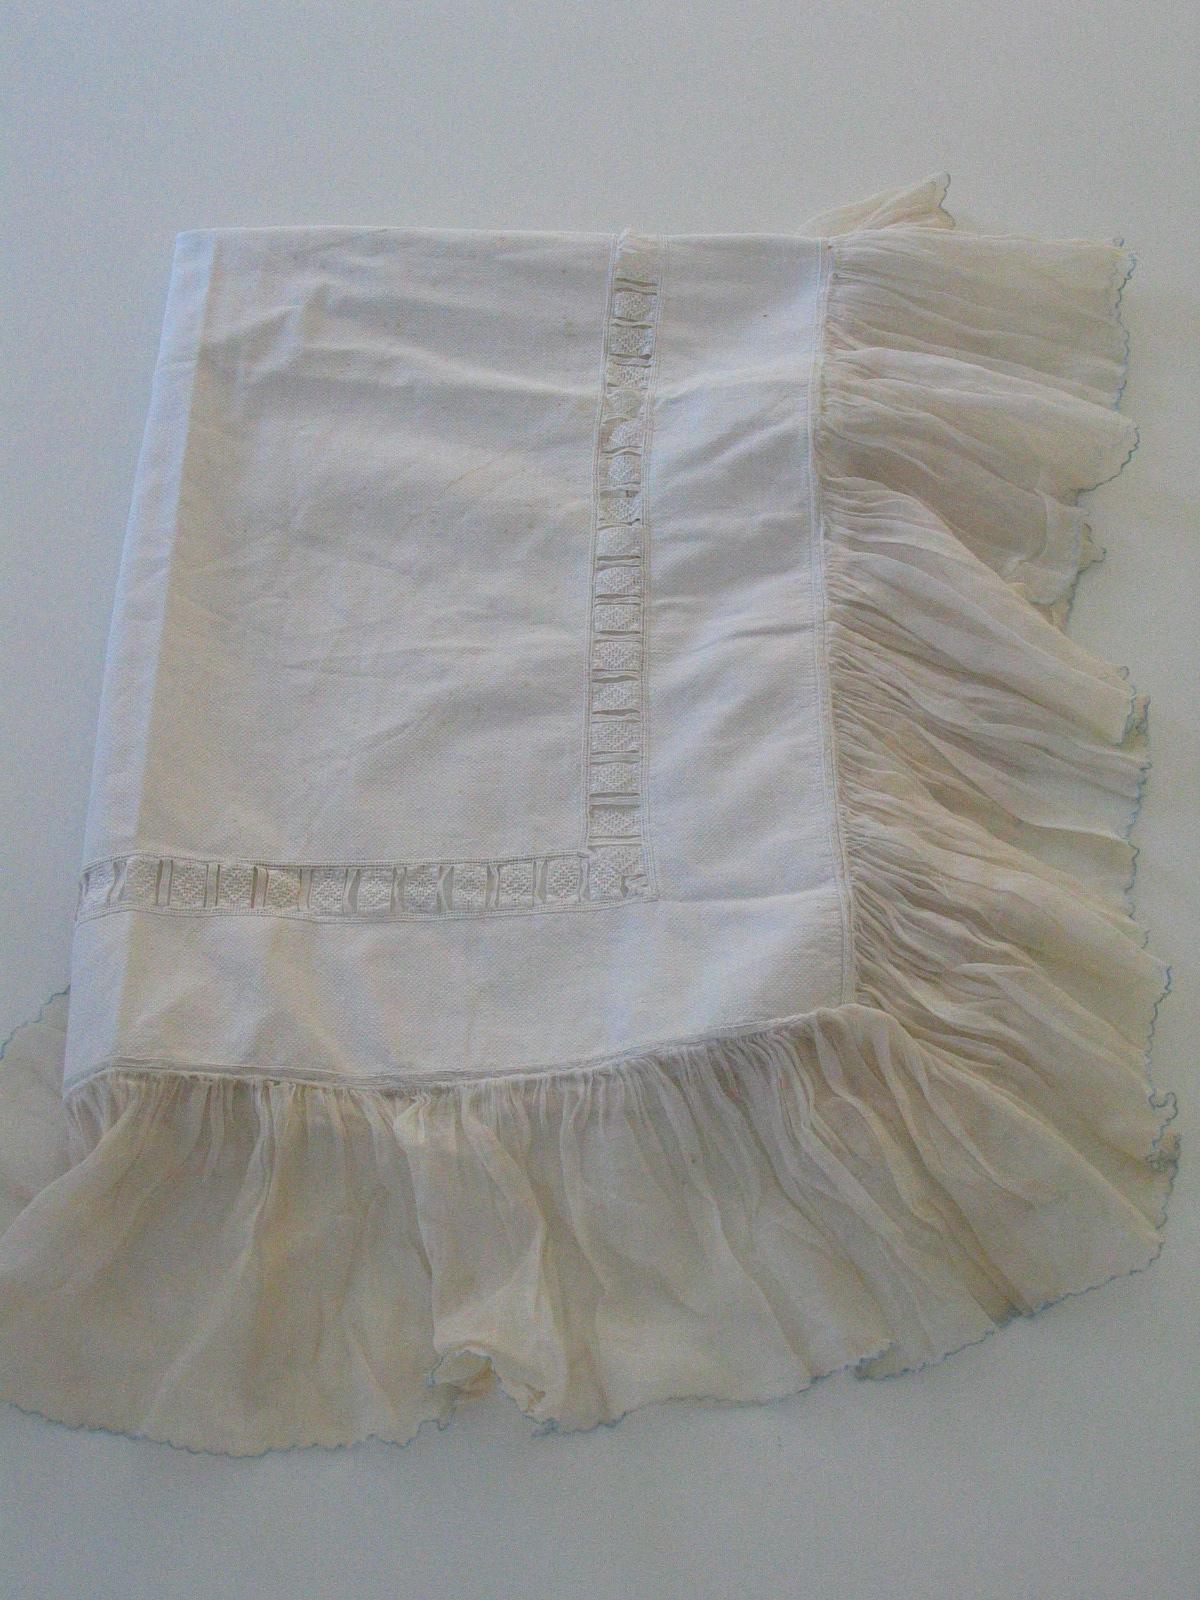 Cubrecuna de pique blanco, adornado con cinta de tira bordada y volantes de gasa.